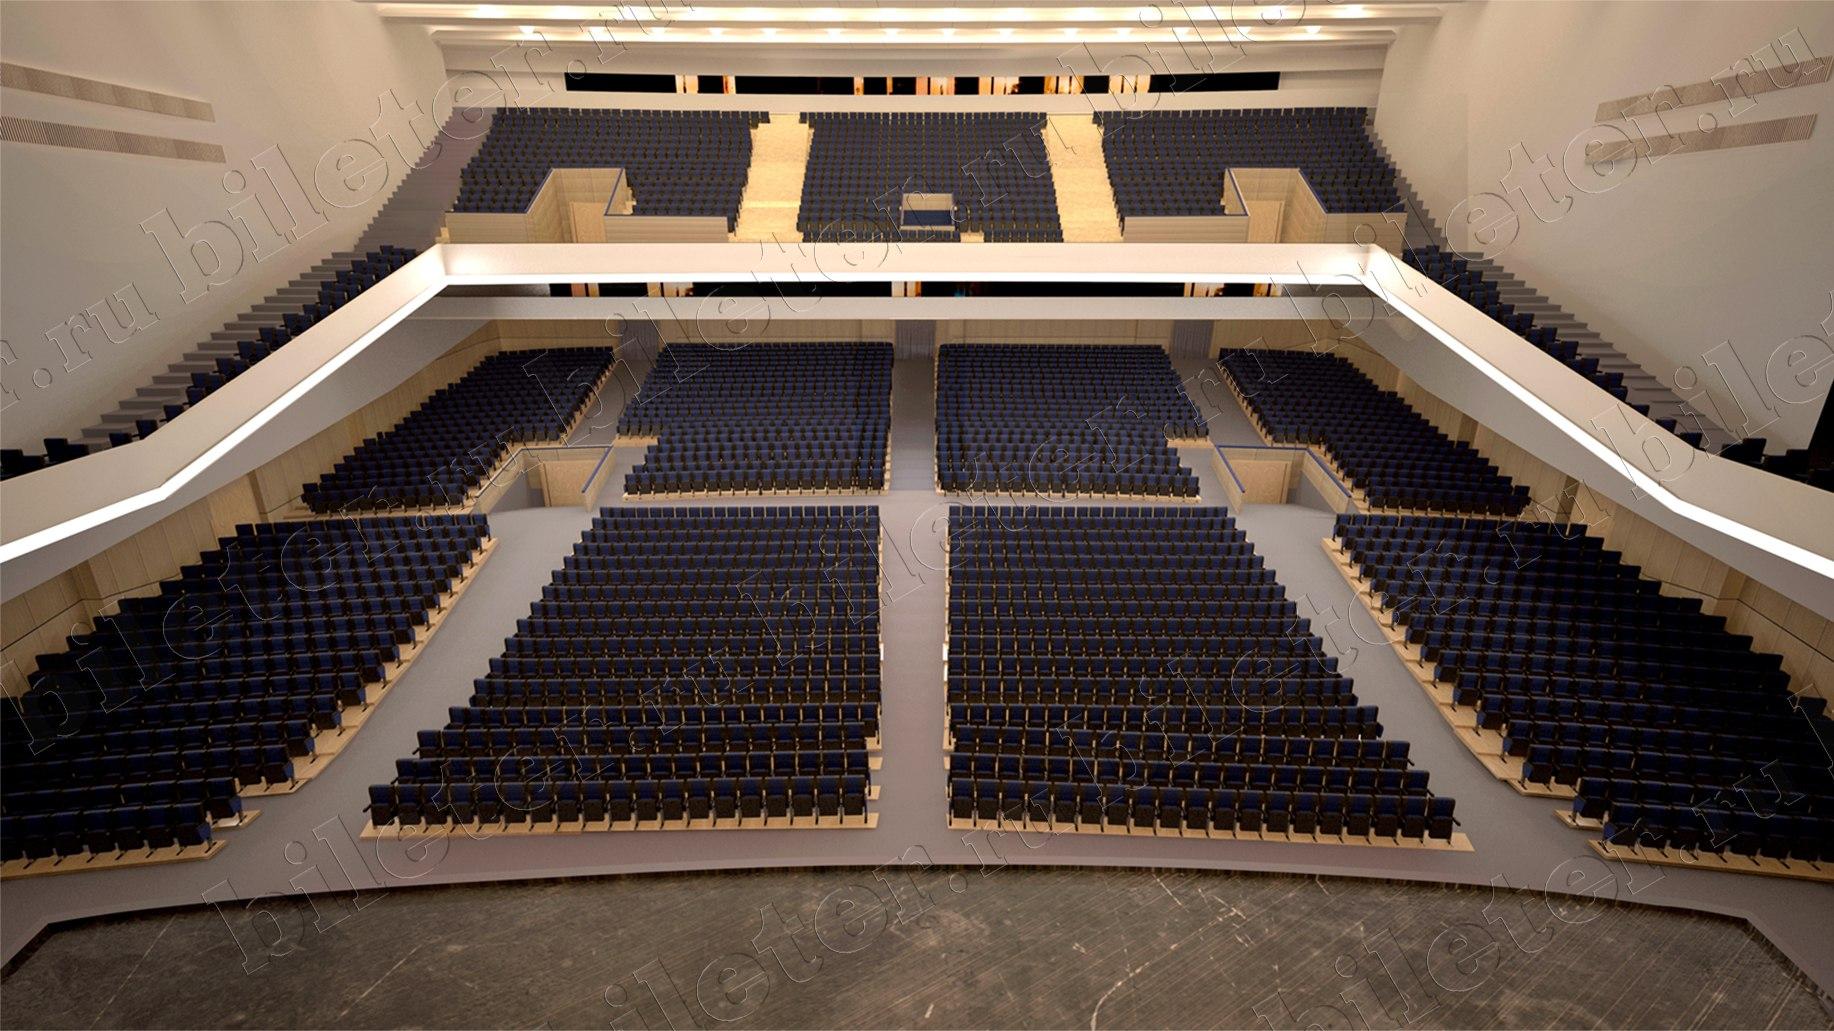 бкз концертный зал